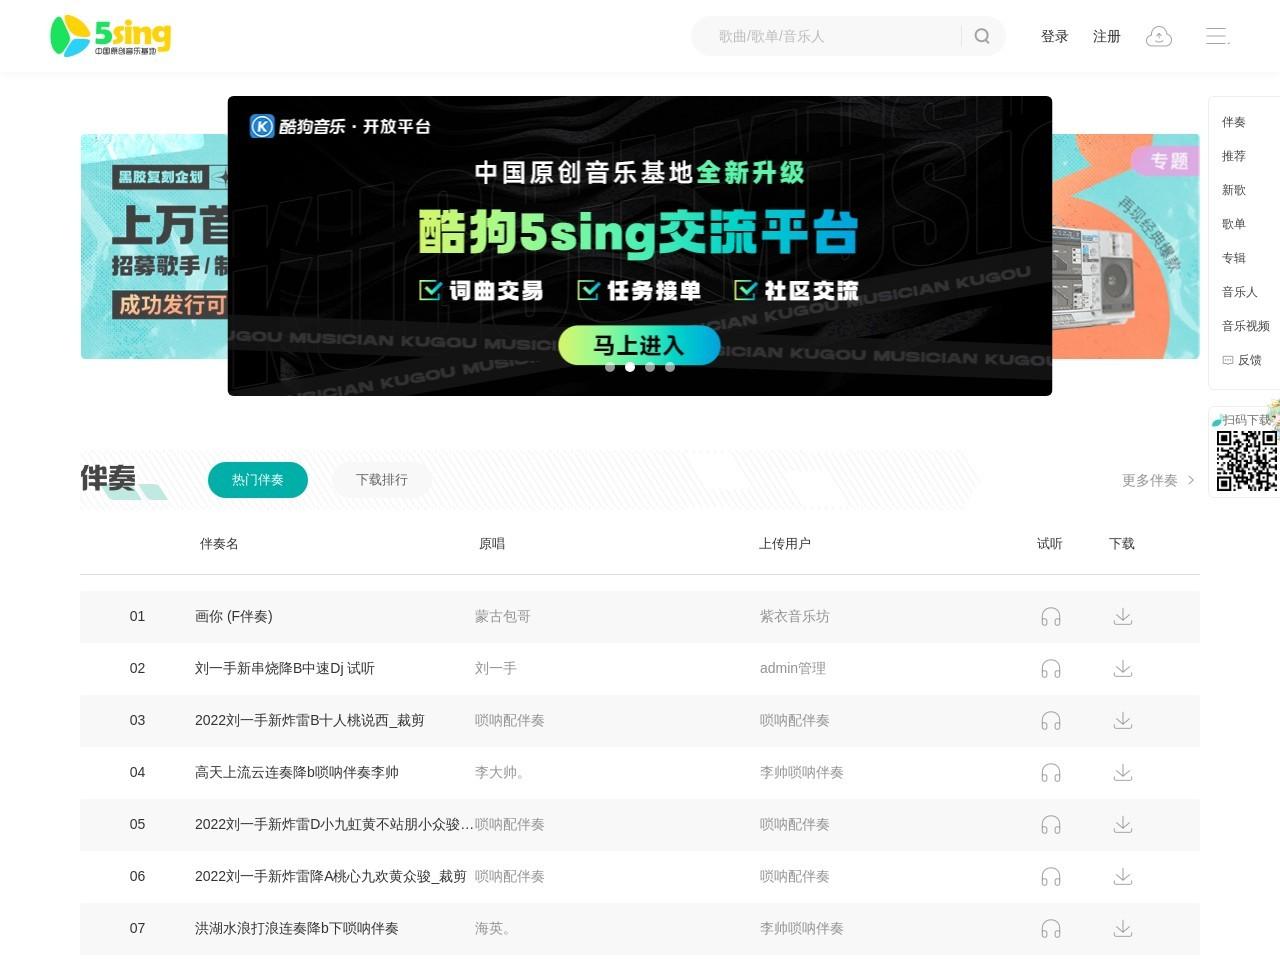 中国原创音乐基地_5SING